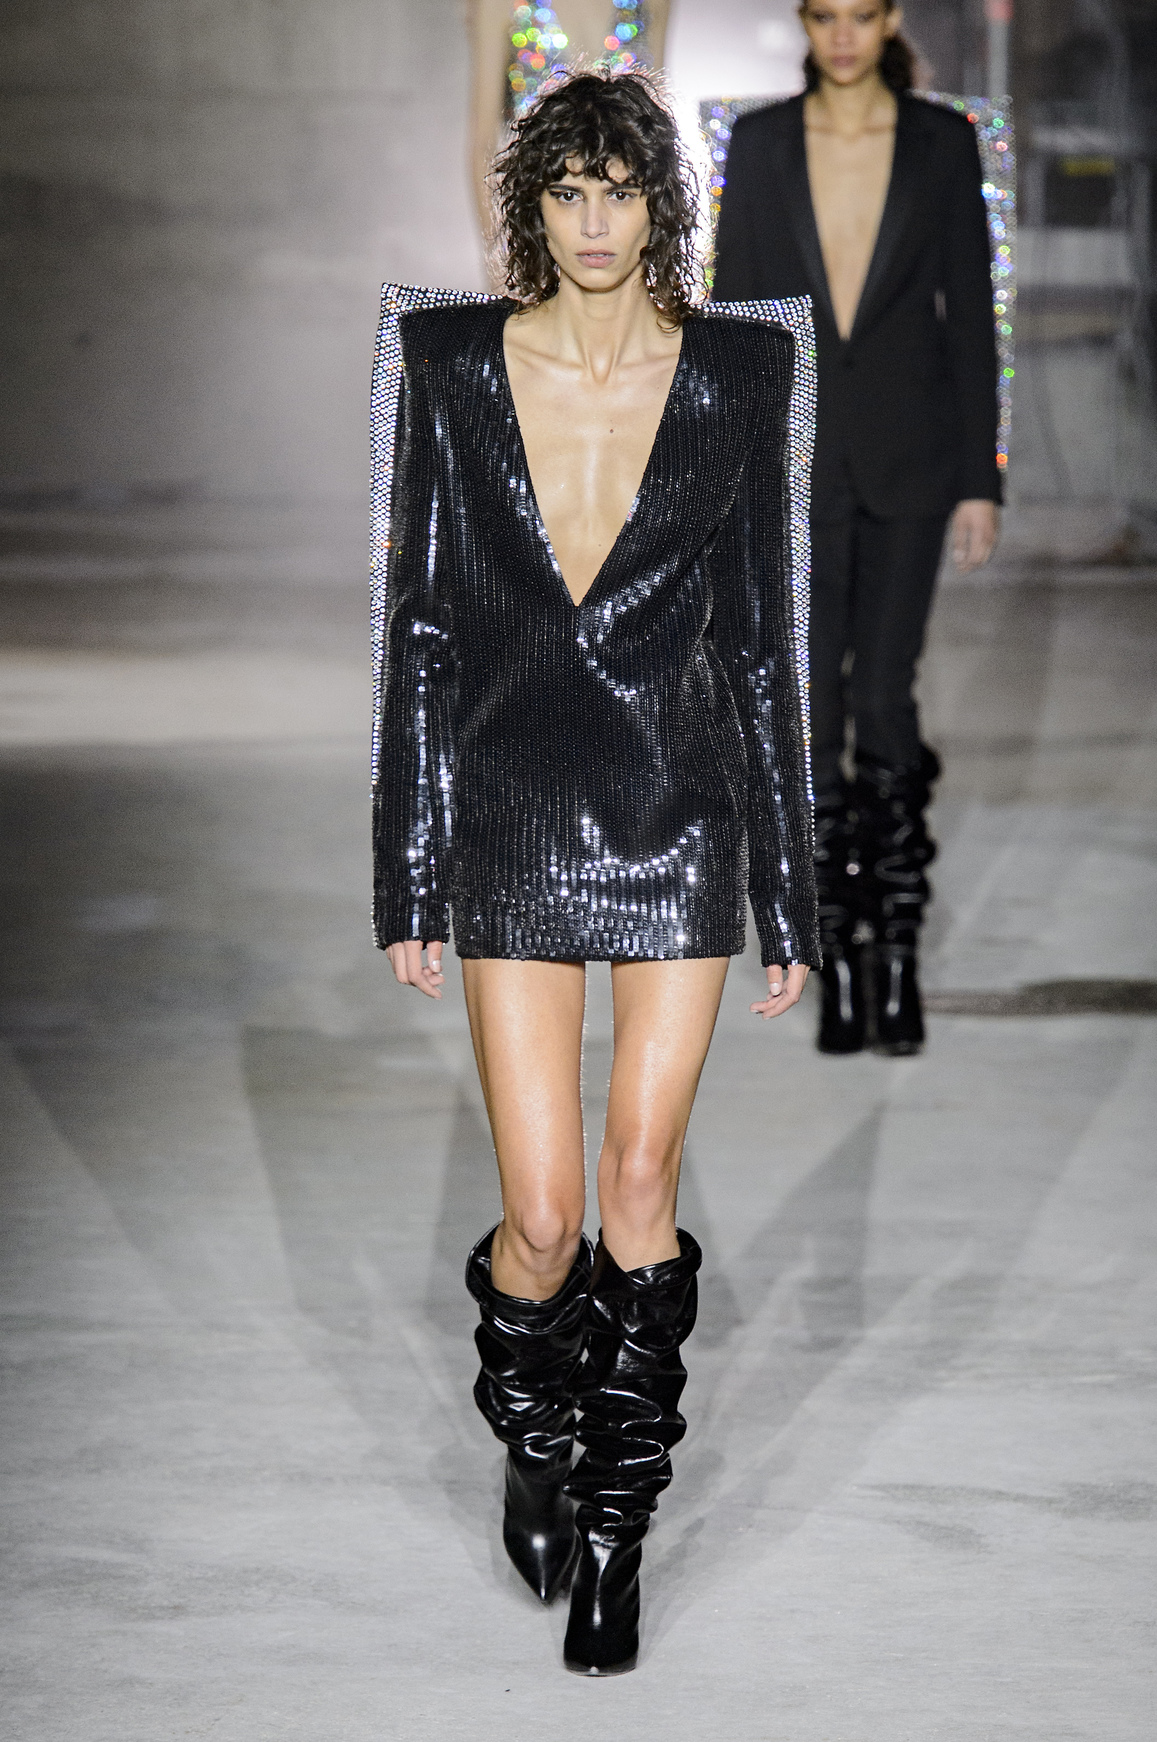 Thiết kế Saint Laurent trùngg cảm hứng với Gossip Girls